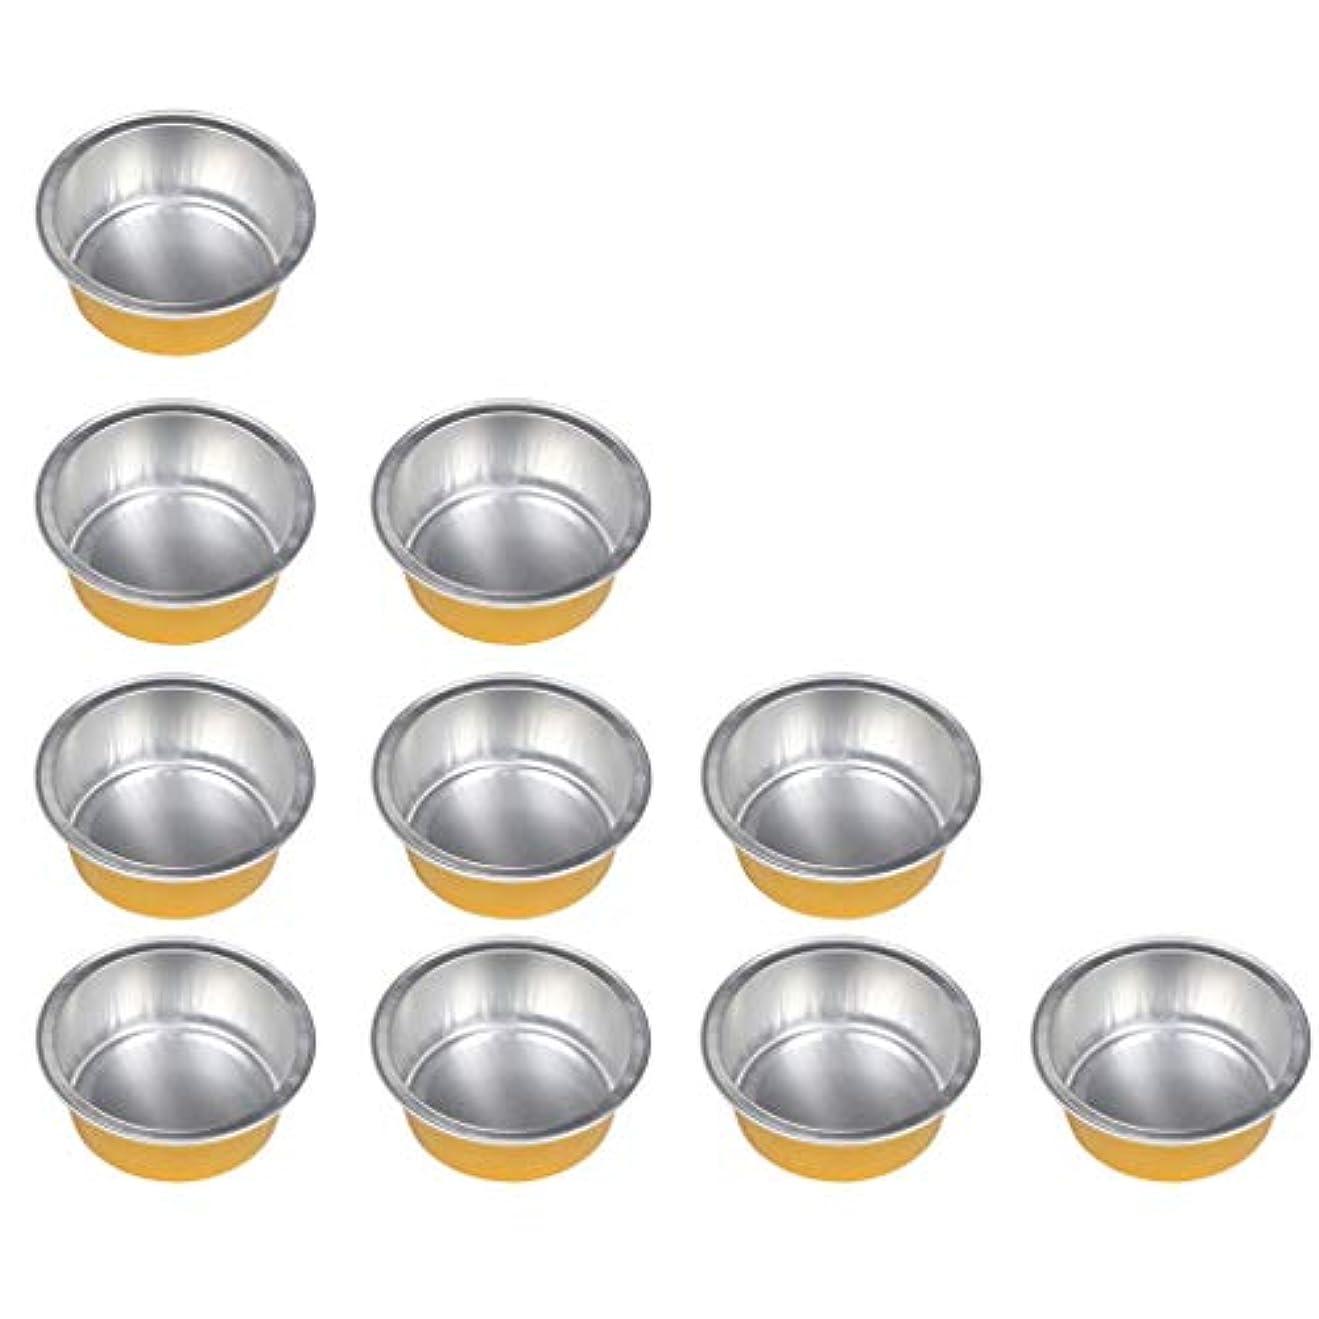 適格ちょうつがいコーン10個セット ワックスボウル ミニボウル アルミホイルボウル ワックス豆体 溶融 衛生的 2種選ぶ - ゴールデン1